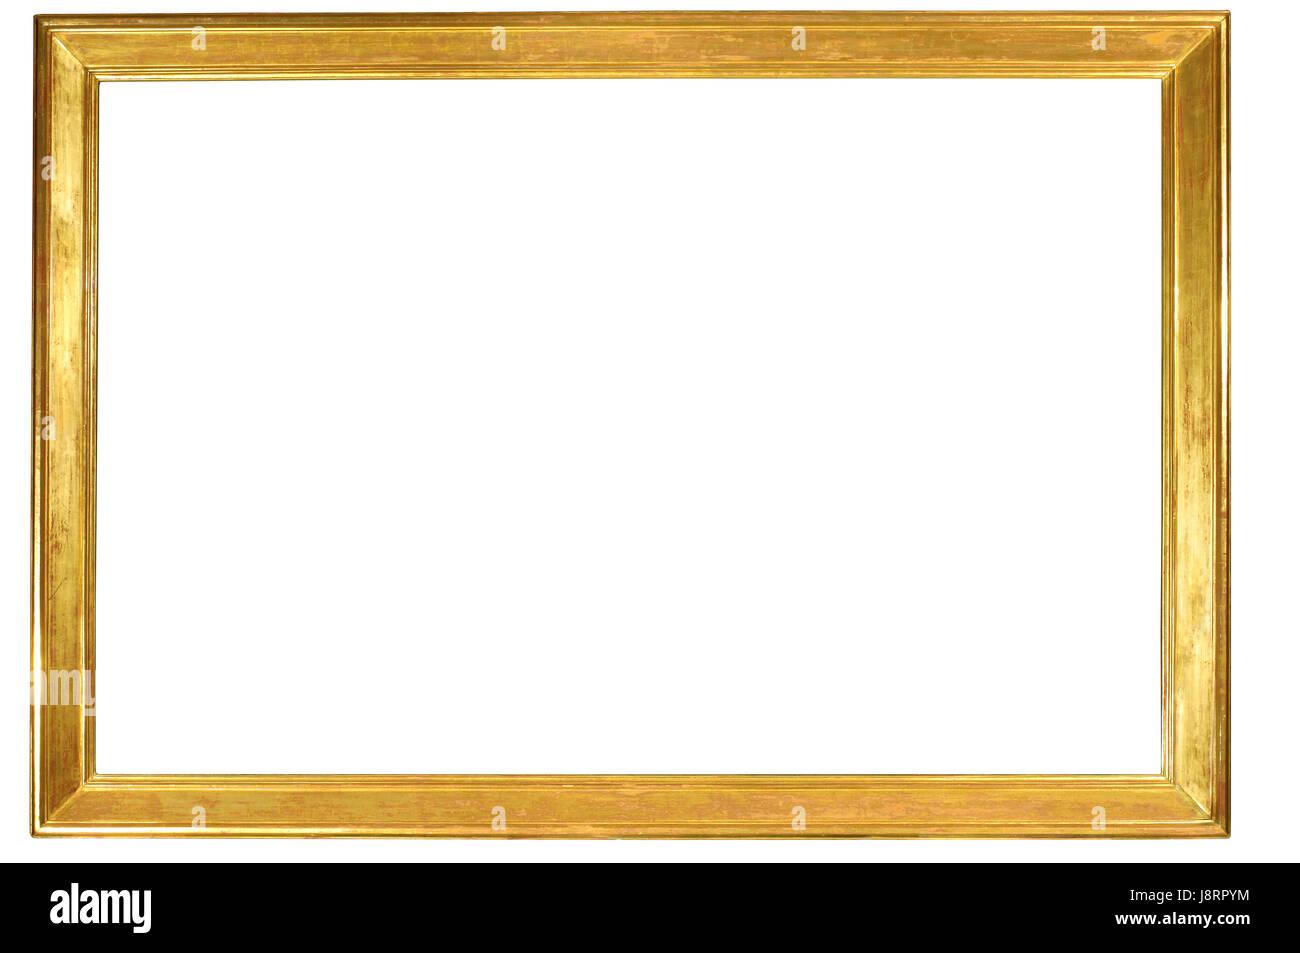 frame, framework, baroque, vintage, decoration, wooden, frame, old ...